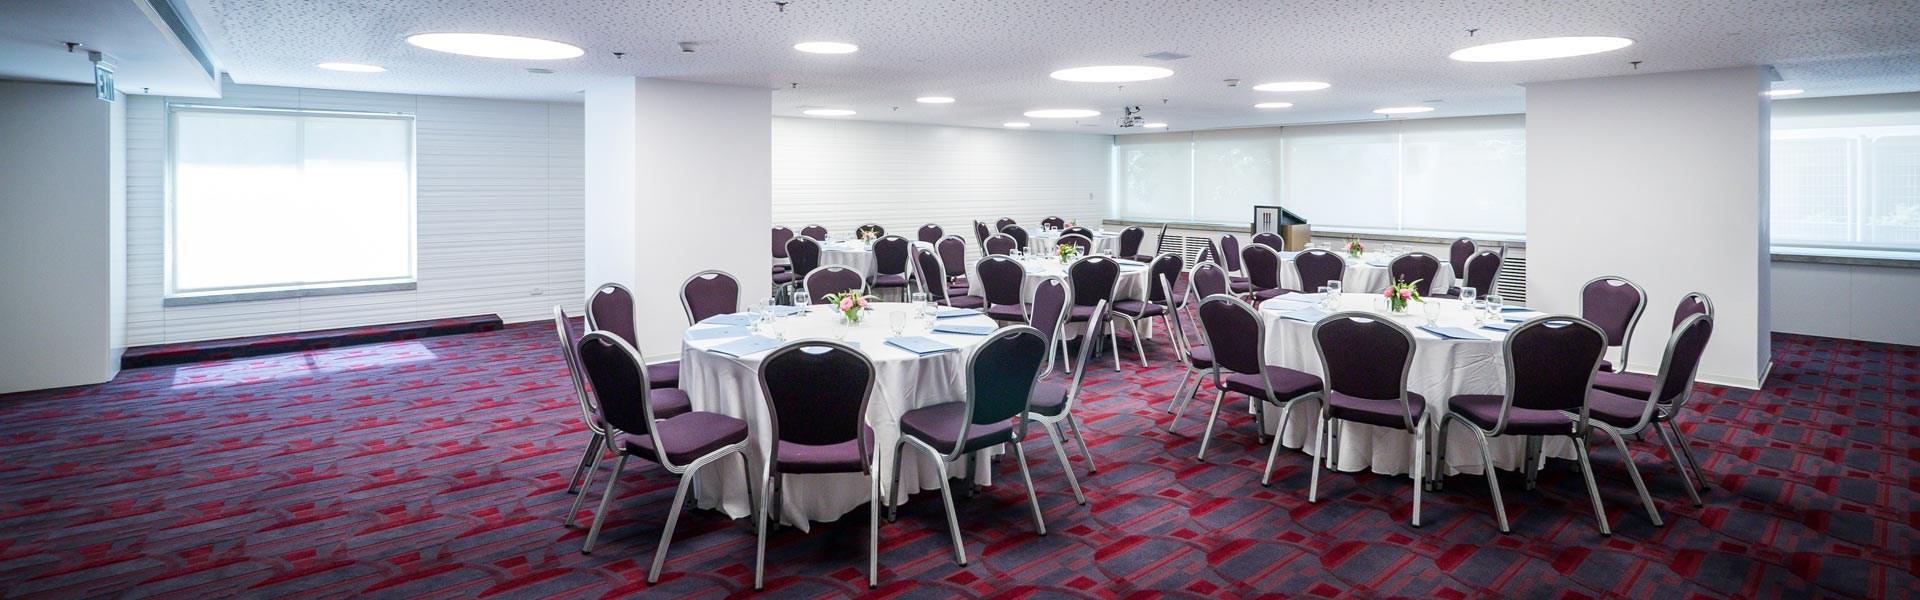 מלון מטרופוליטן - אירועים